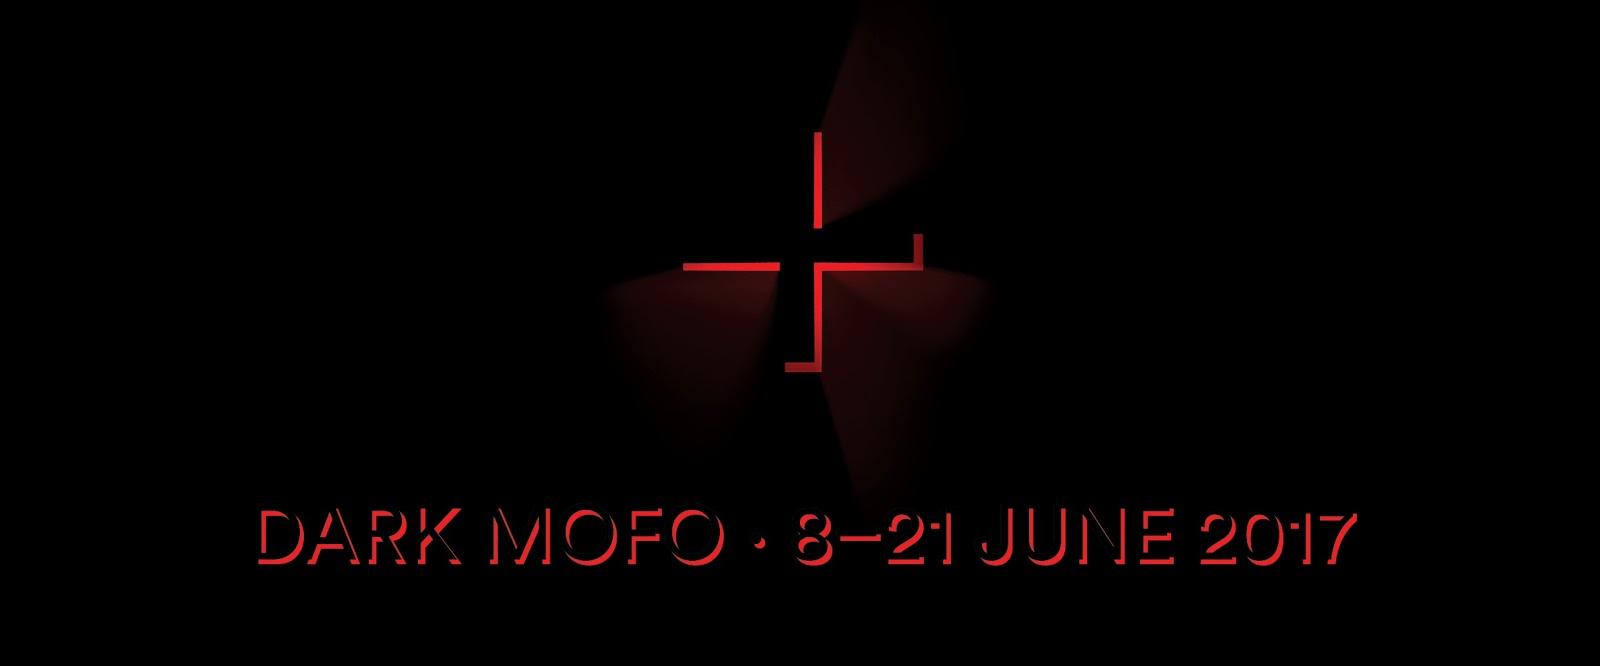 Dark-Mofo-2017-header.jpg